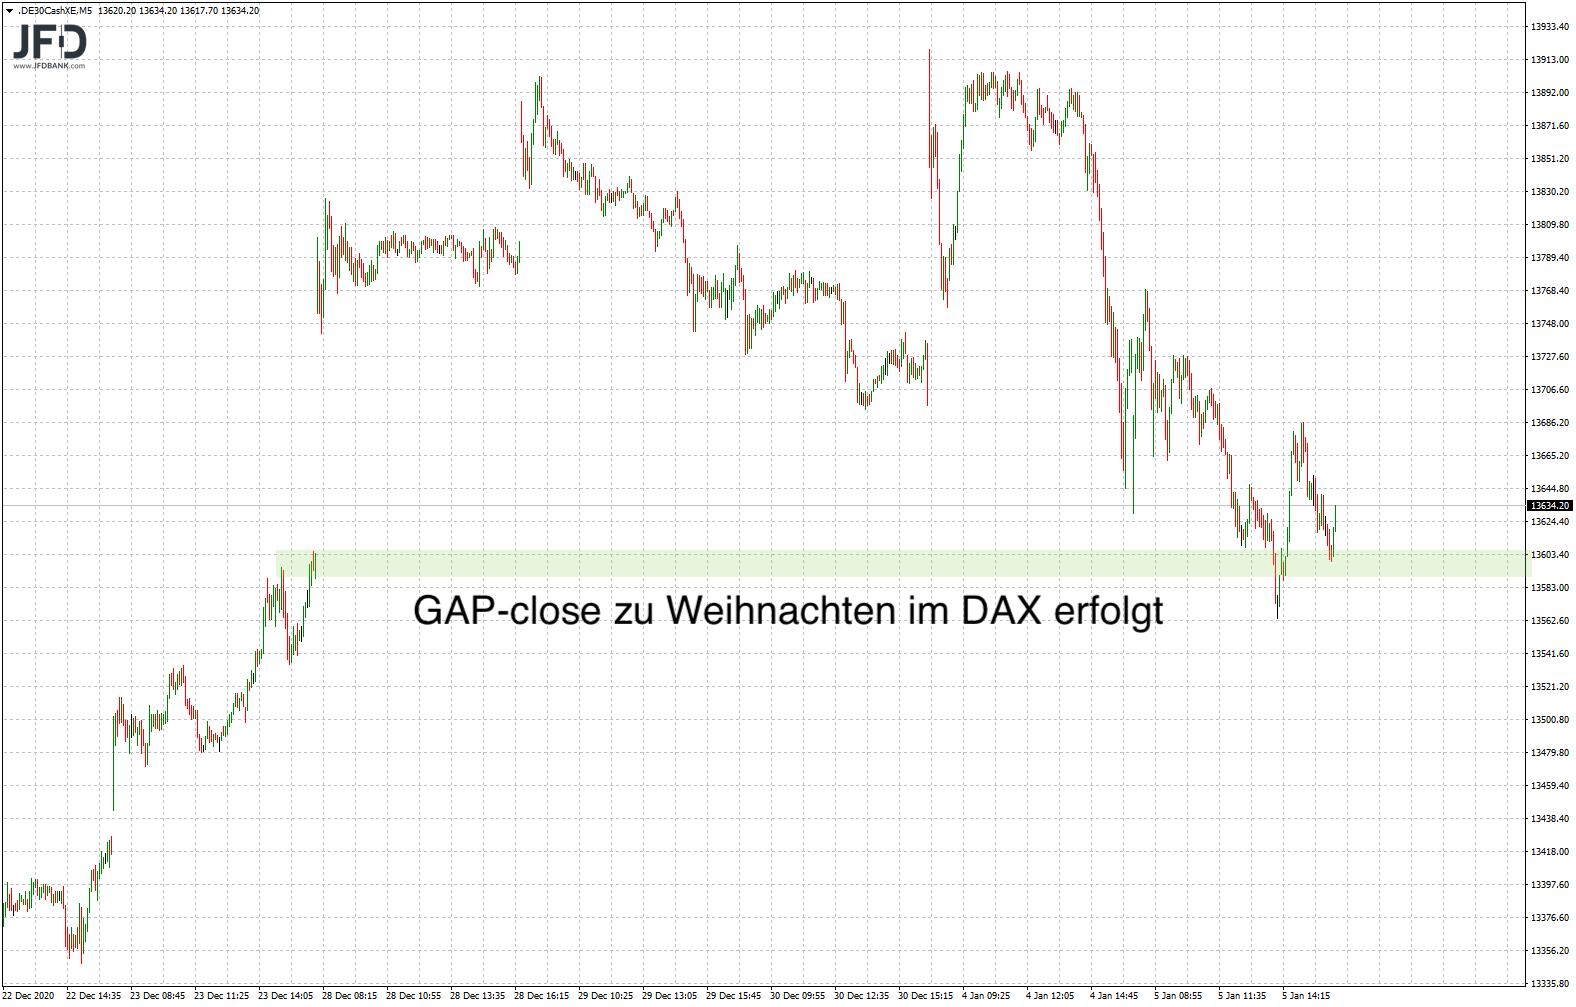 DAX-GAP geschlossen